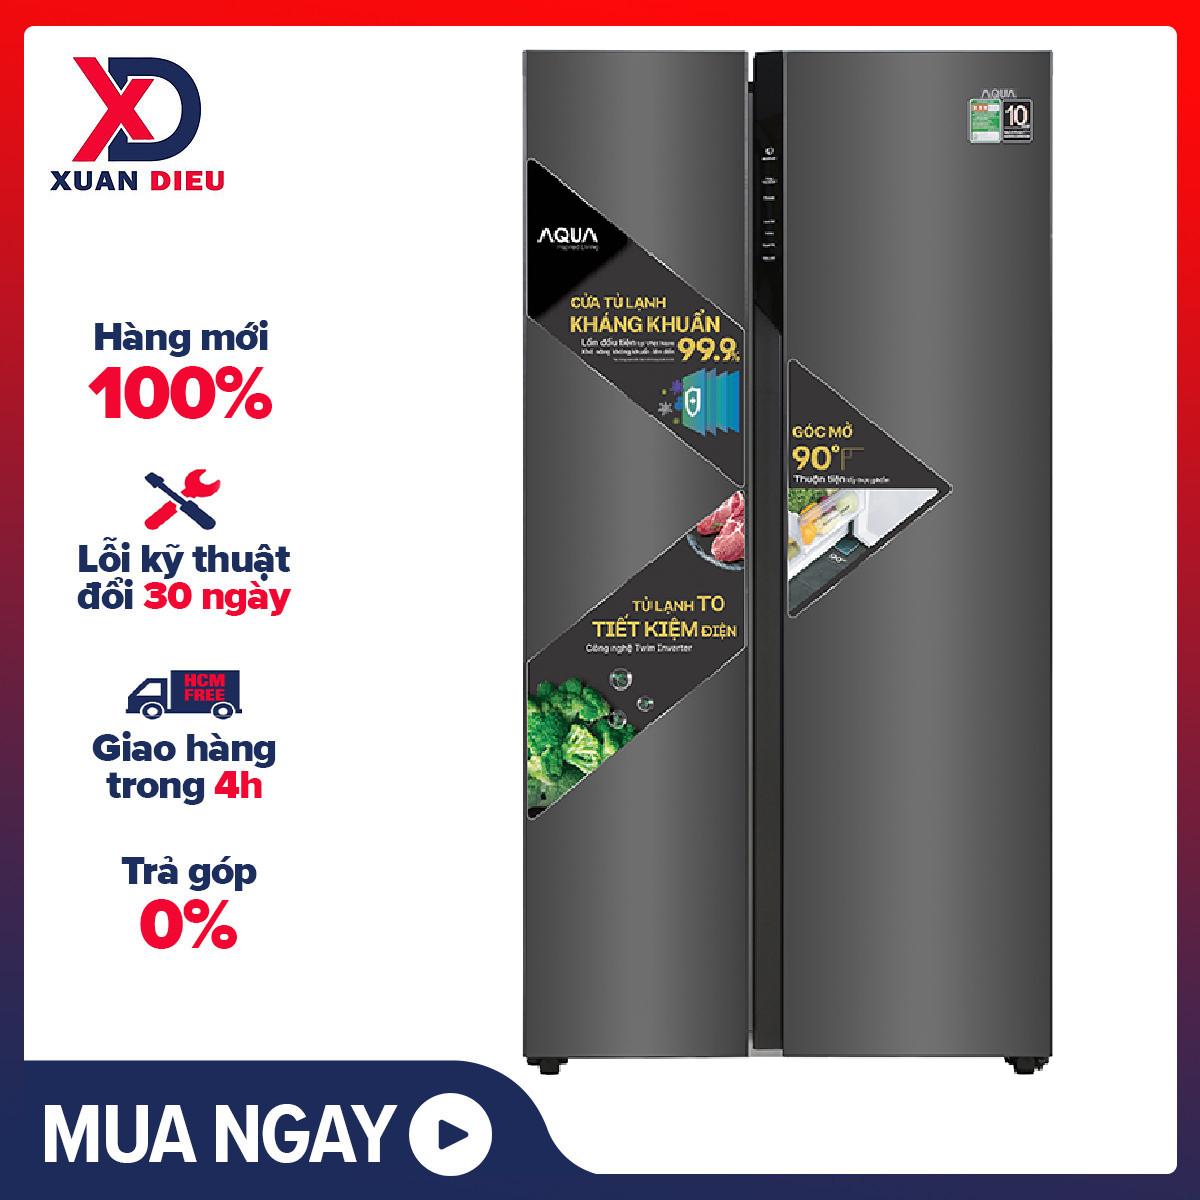 [HCM][Trả góp 0%]Tủ lạnh Aqua Inverter 541 lít AQR-S541XA(BL) Mới 2020 Chế độ kỳ nghỉ tiết kiệm điện Chế độ thông minh tự điều chỉnh nhiệt độ các ngăn Làm lạnh đa chiều Công nghệ kháng khuẩn Kháng khuẩn khử mùi DEO Fresh